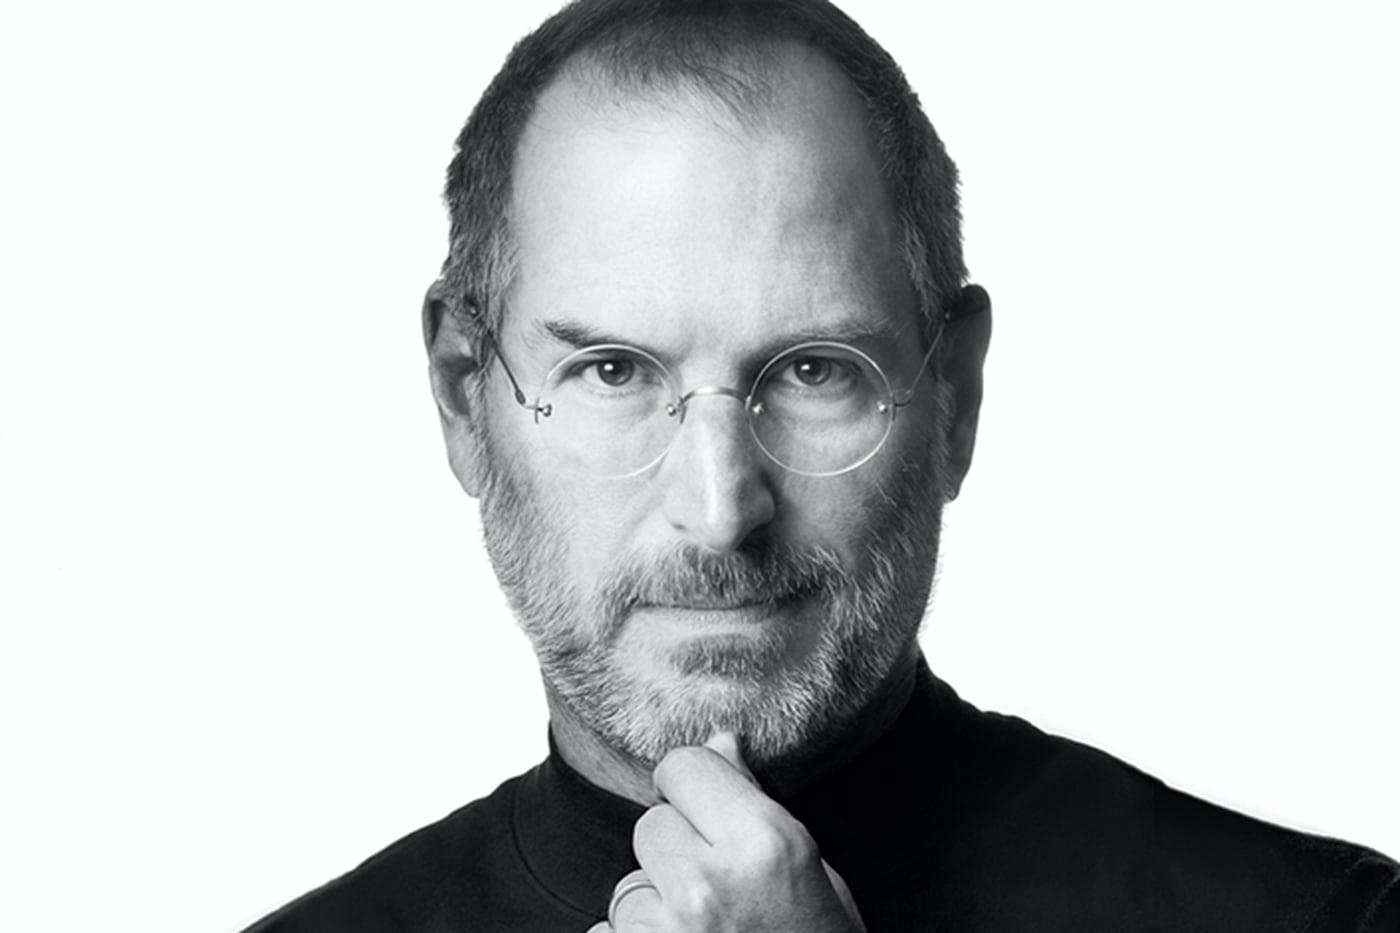 Steve Jobs Heritage Edition Apple Glasses